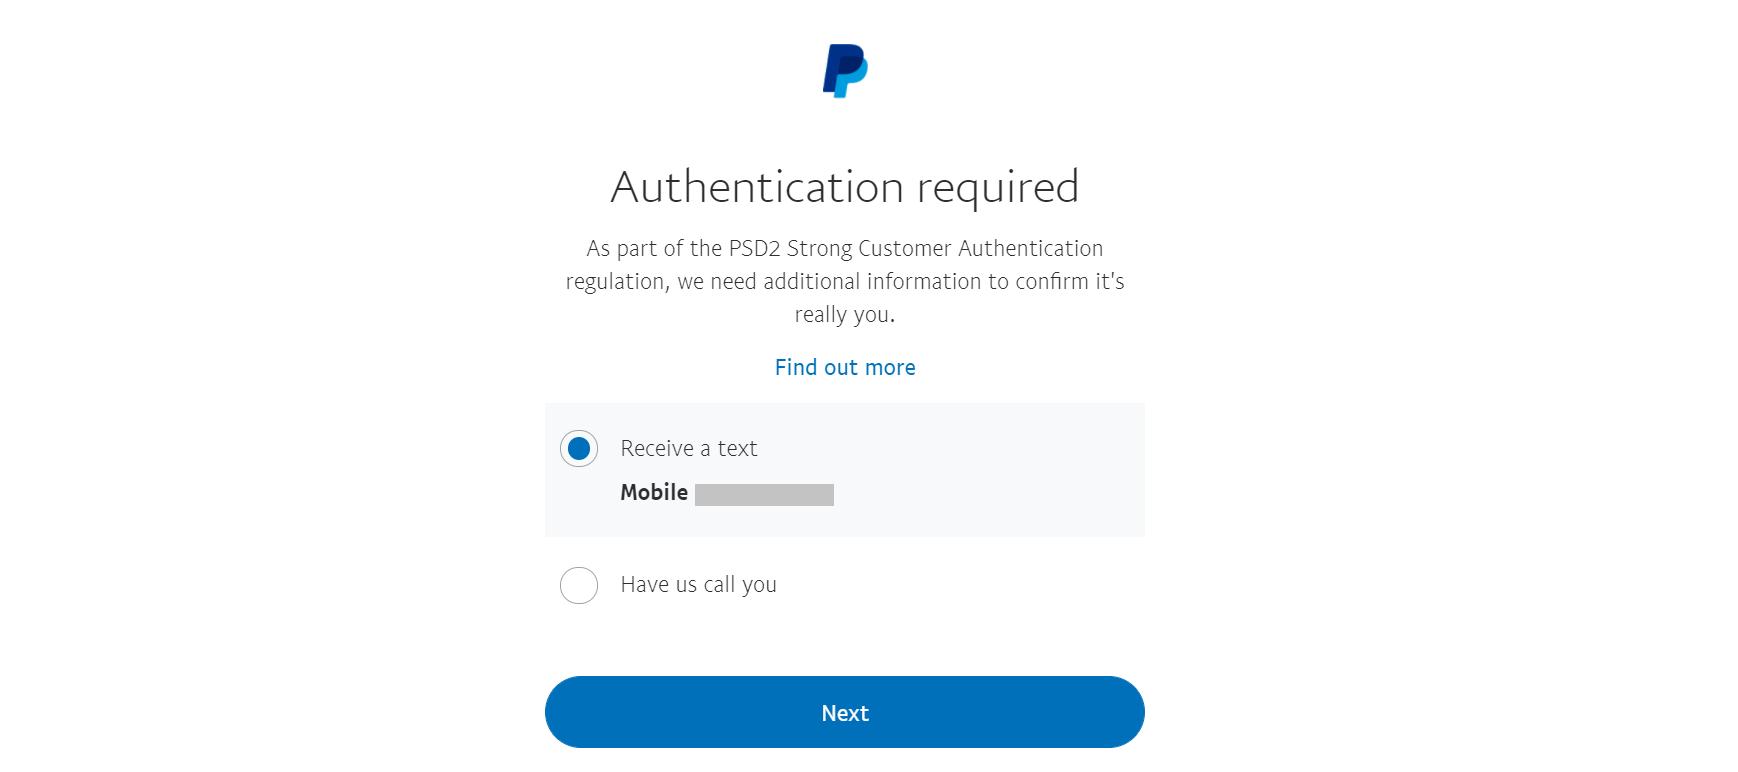 Exemplo de autenticação de dois fatores no site do PayPal.